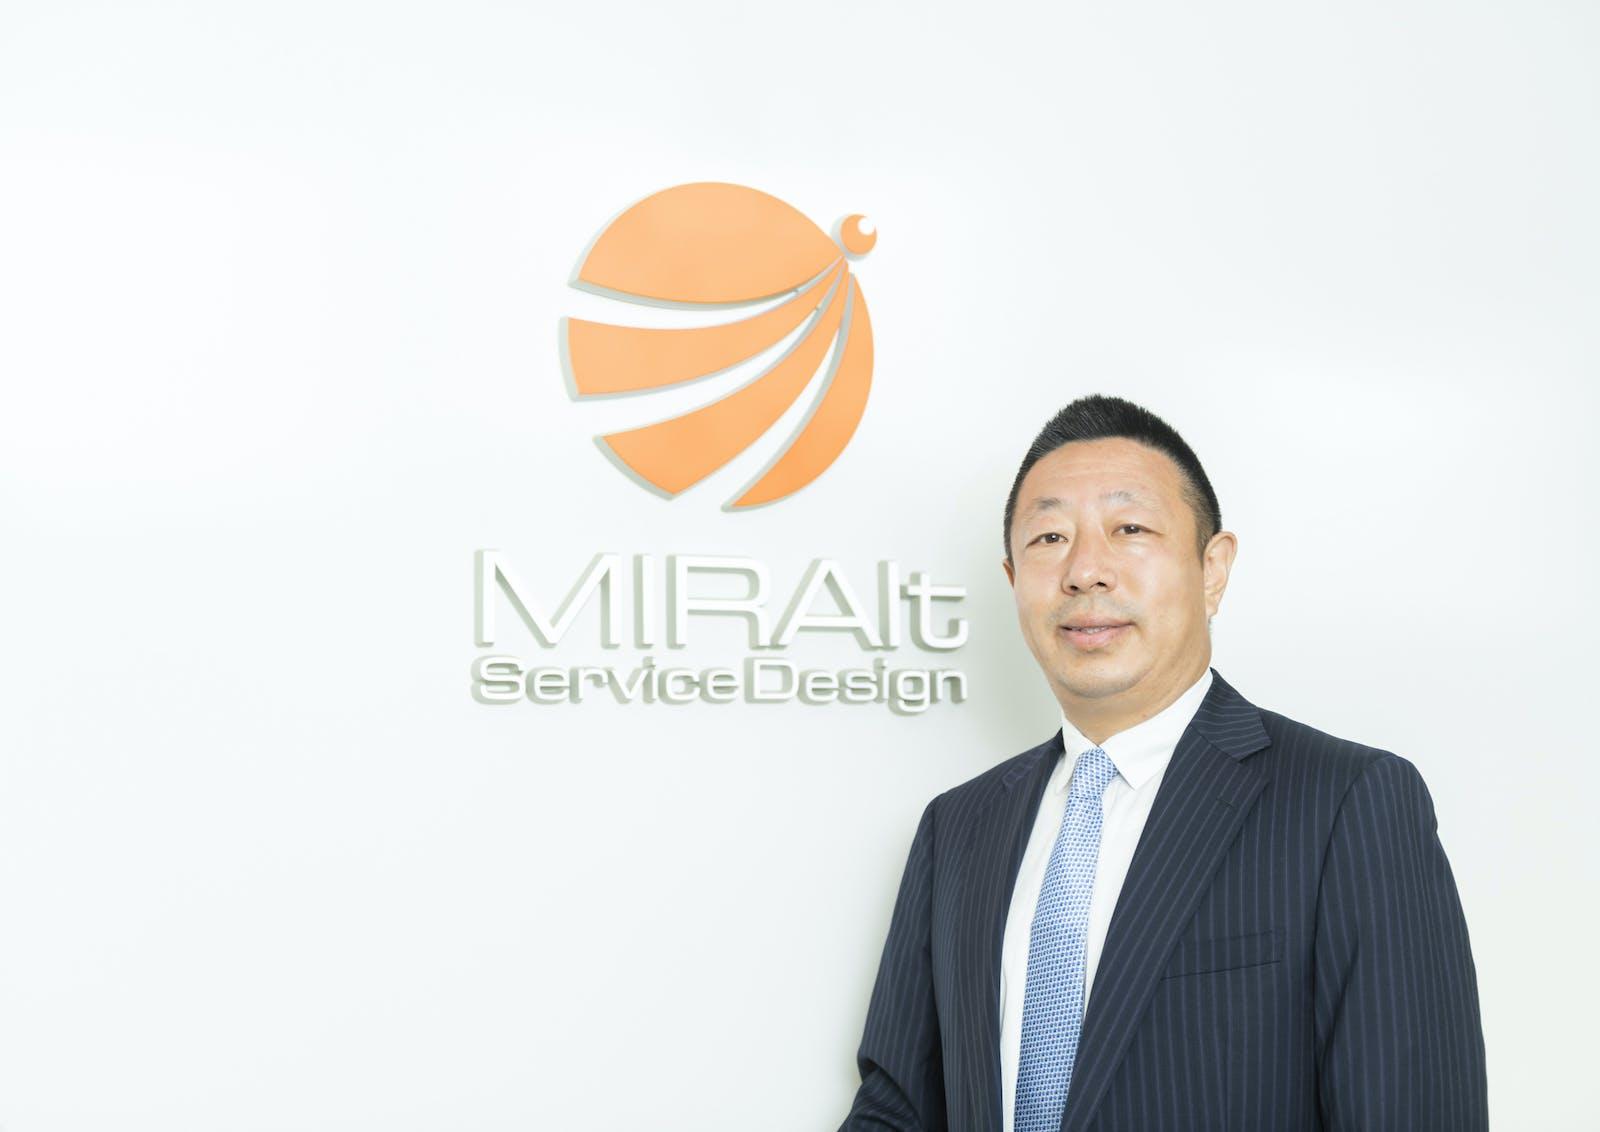 株式会社MIRAIt Service Designのアイキャッチ画像